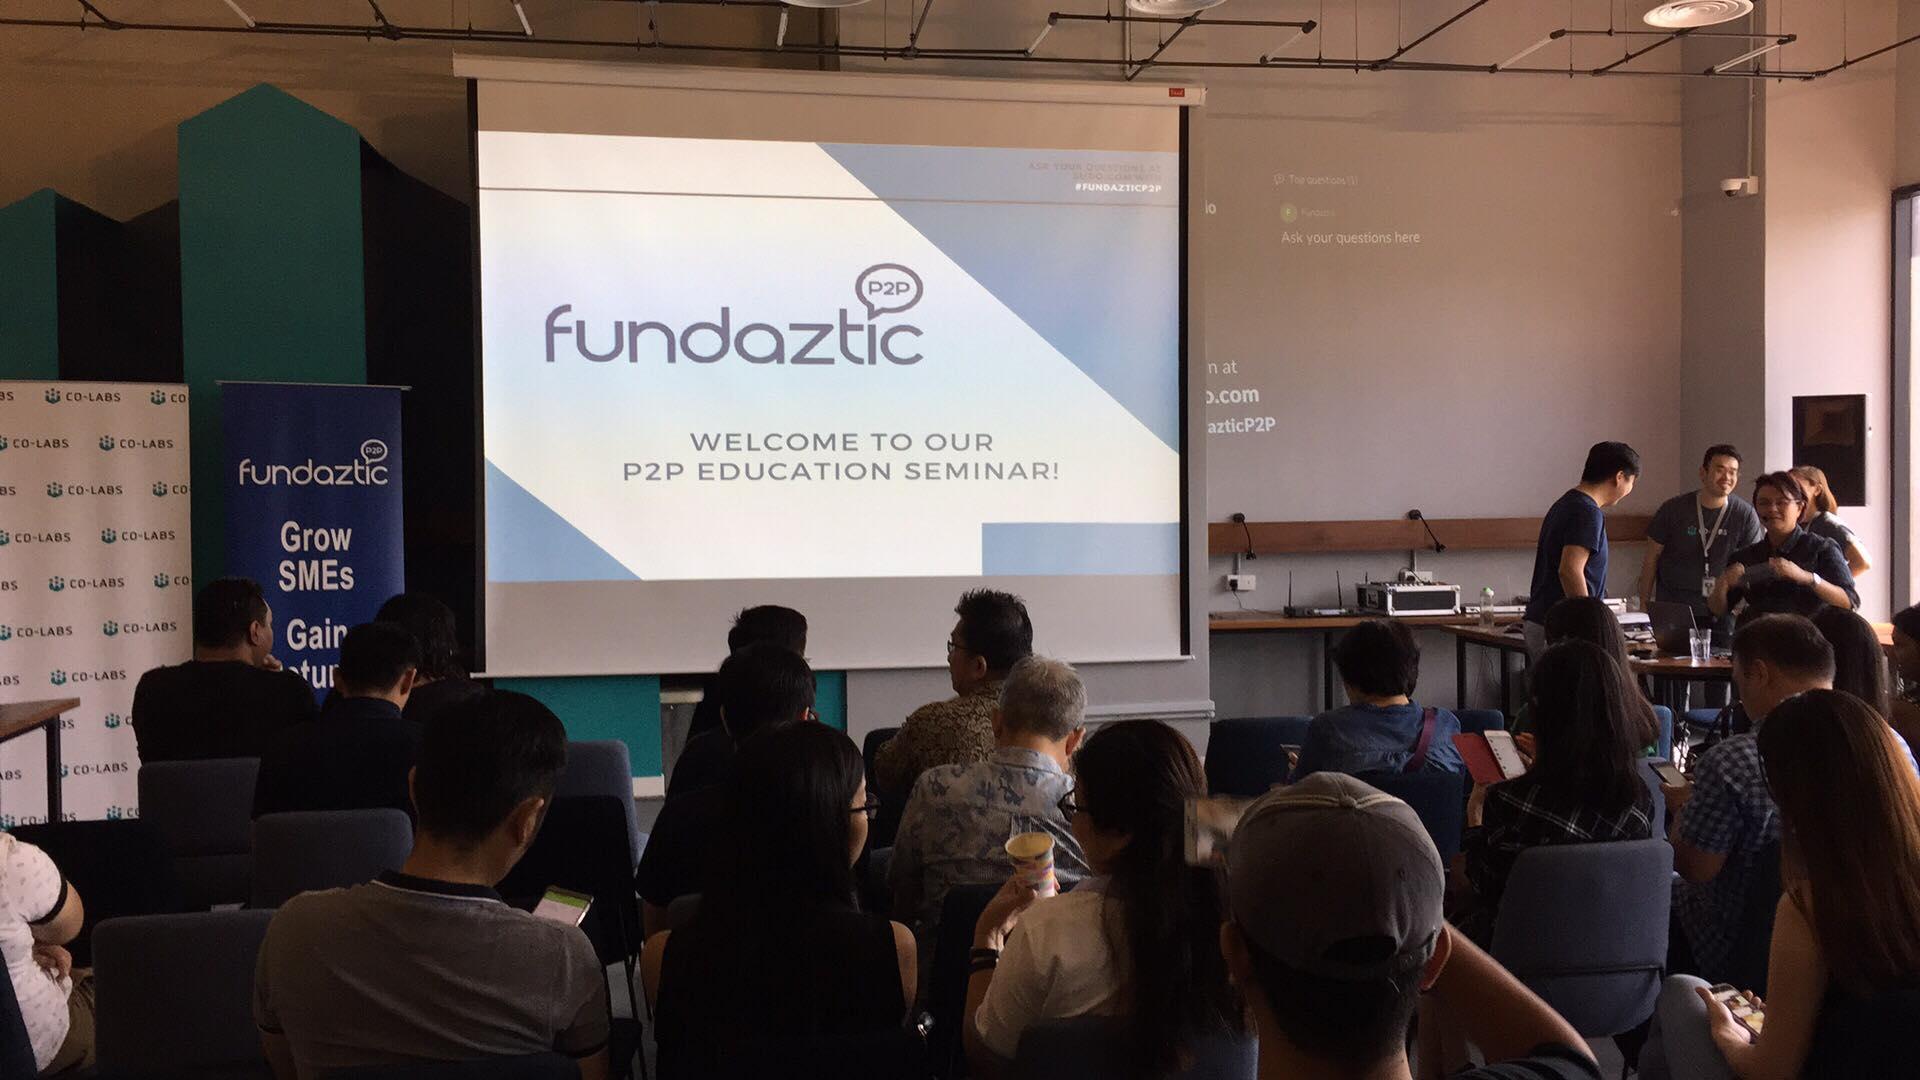 Fundaztic P2P Event